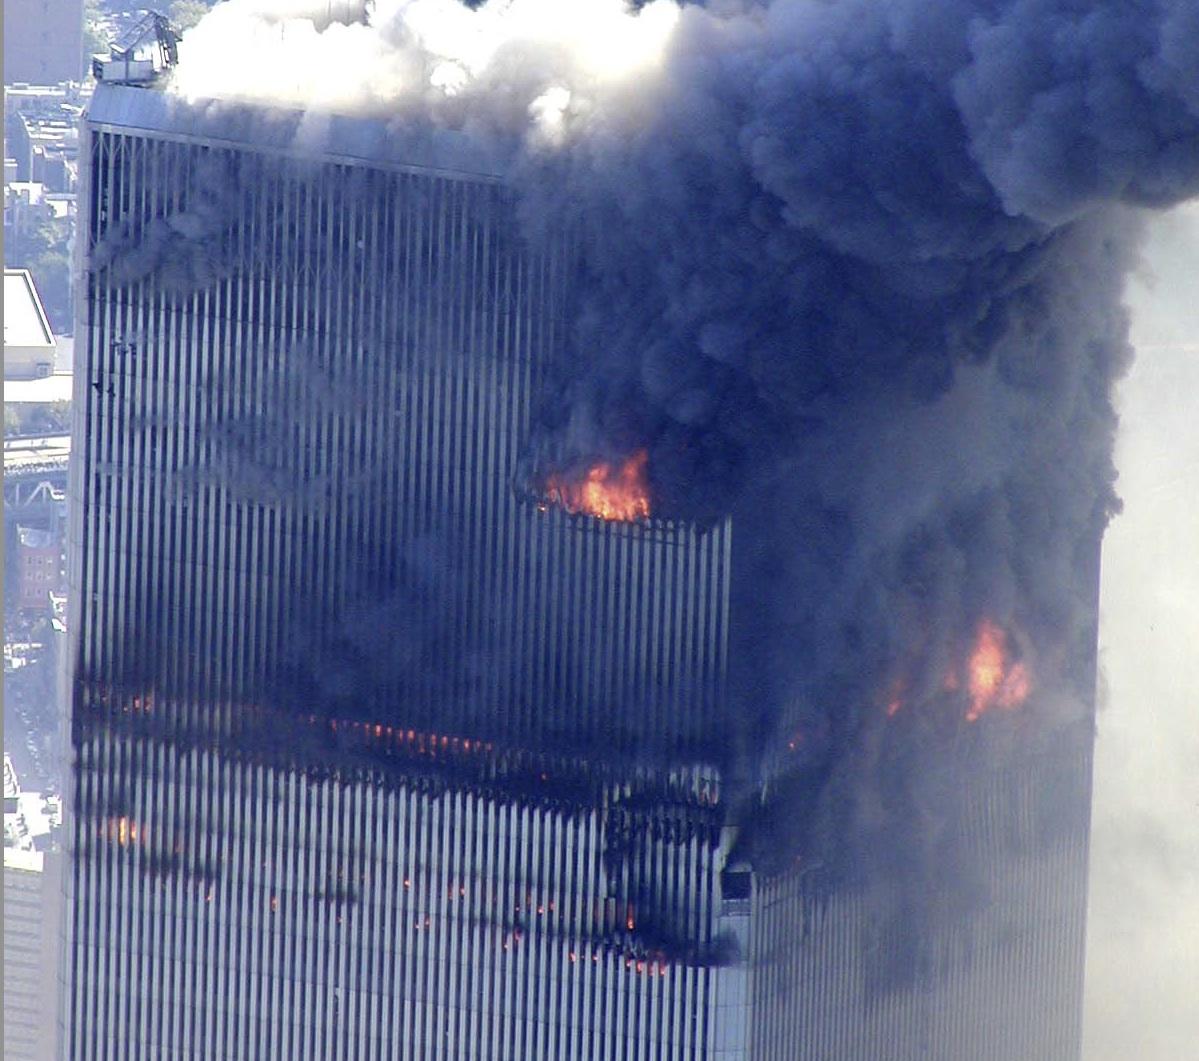 GJS-WTC25.jpg-20120529-174121.jpg